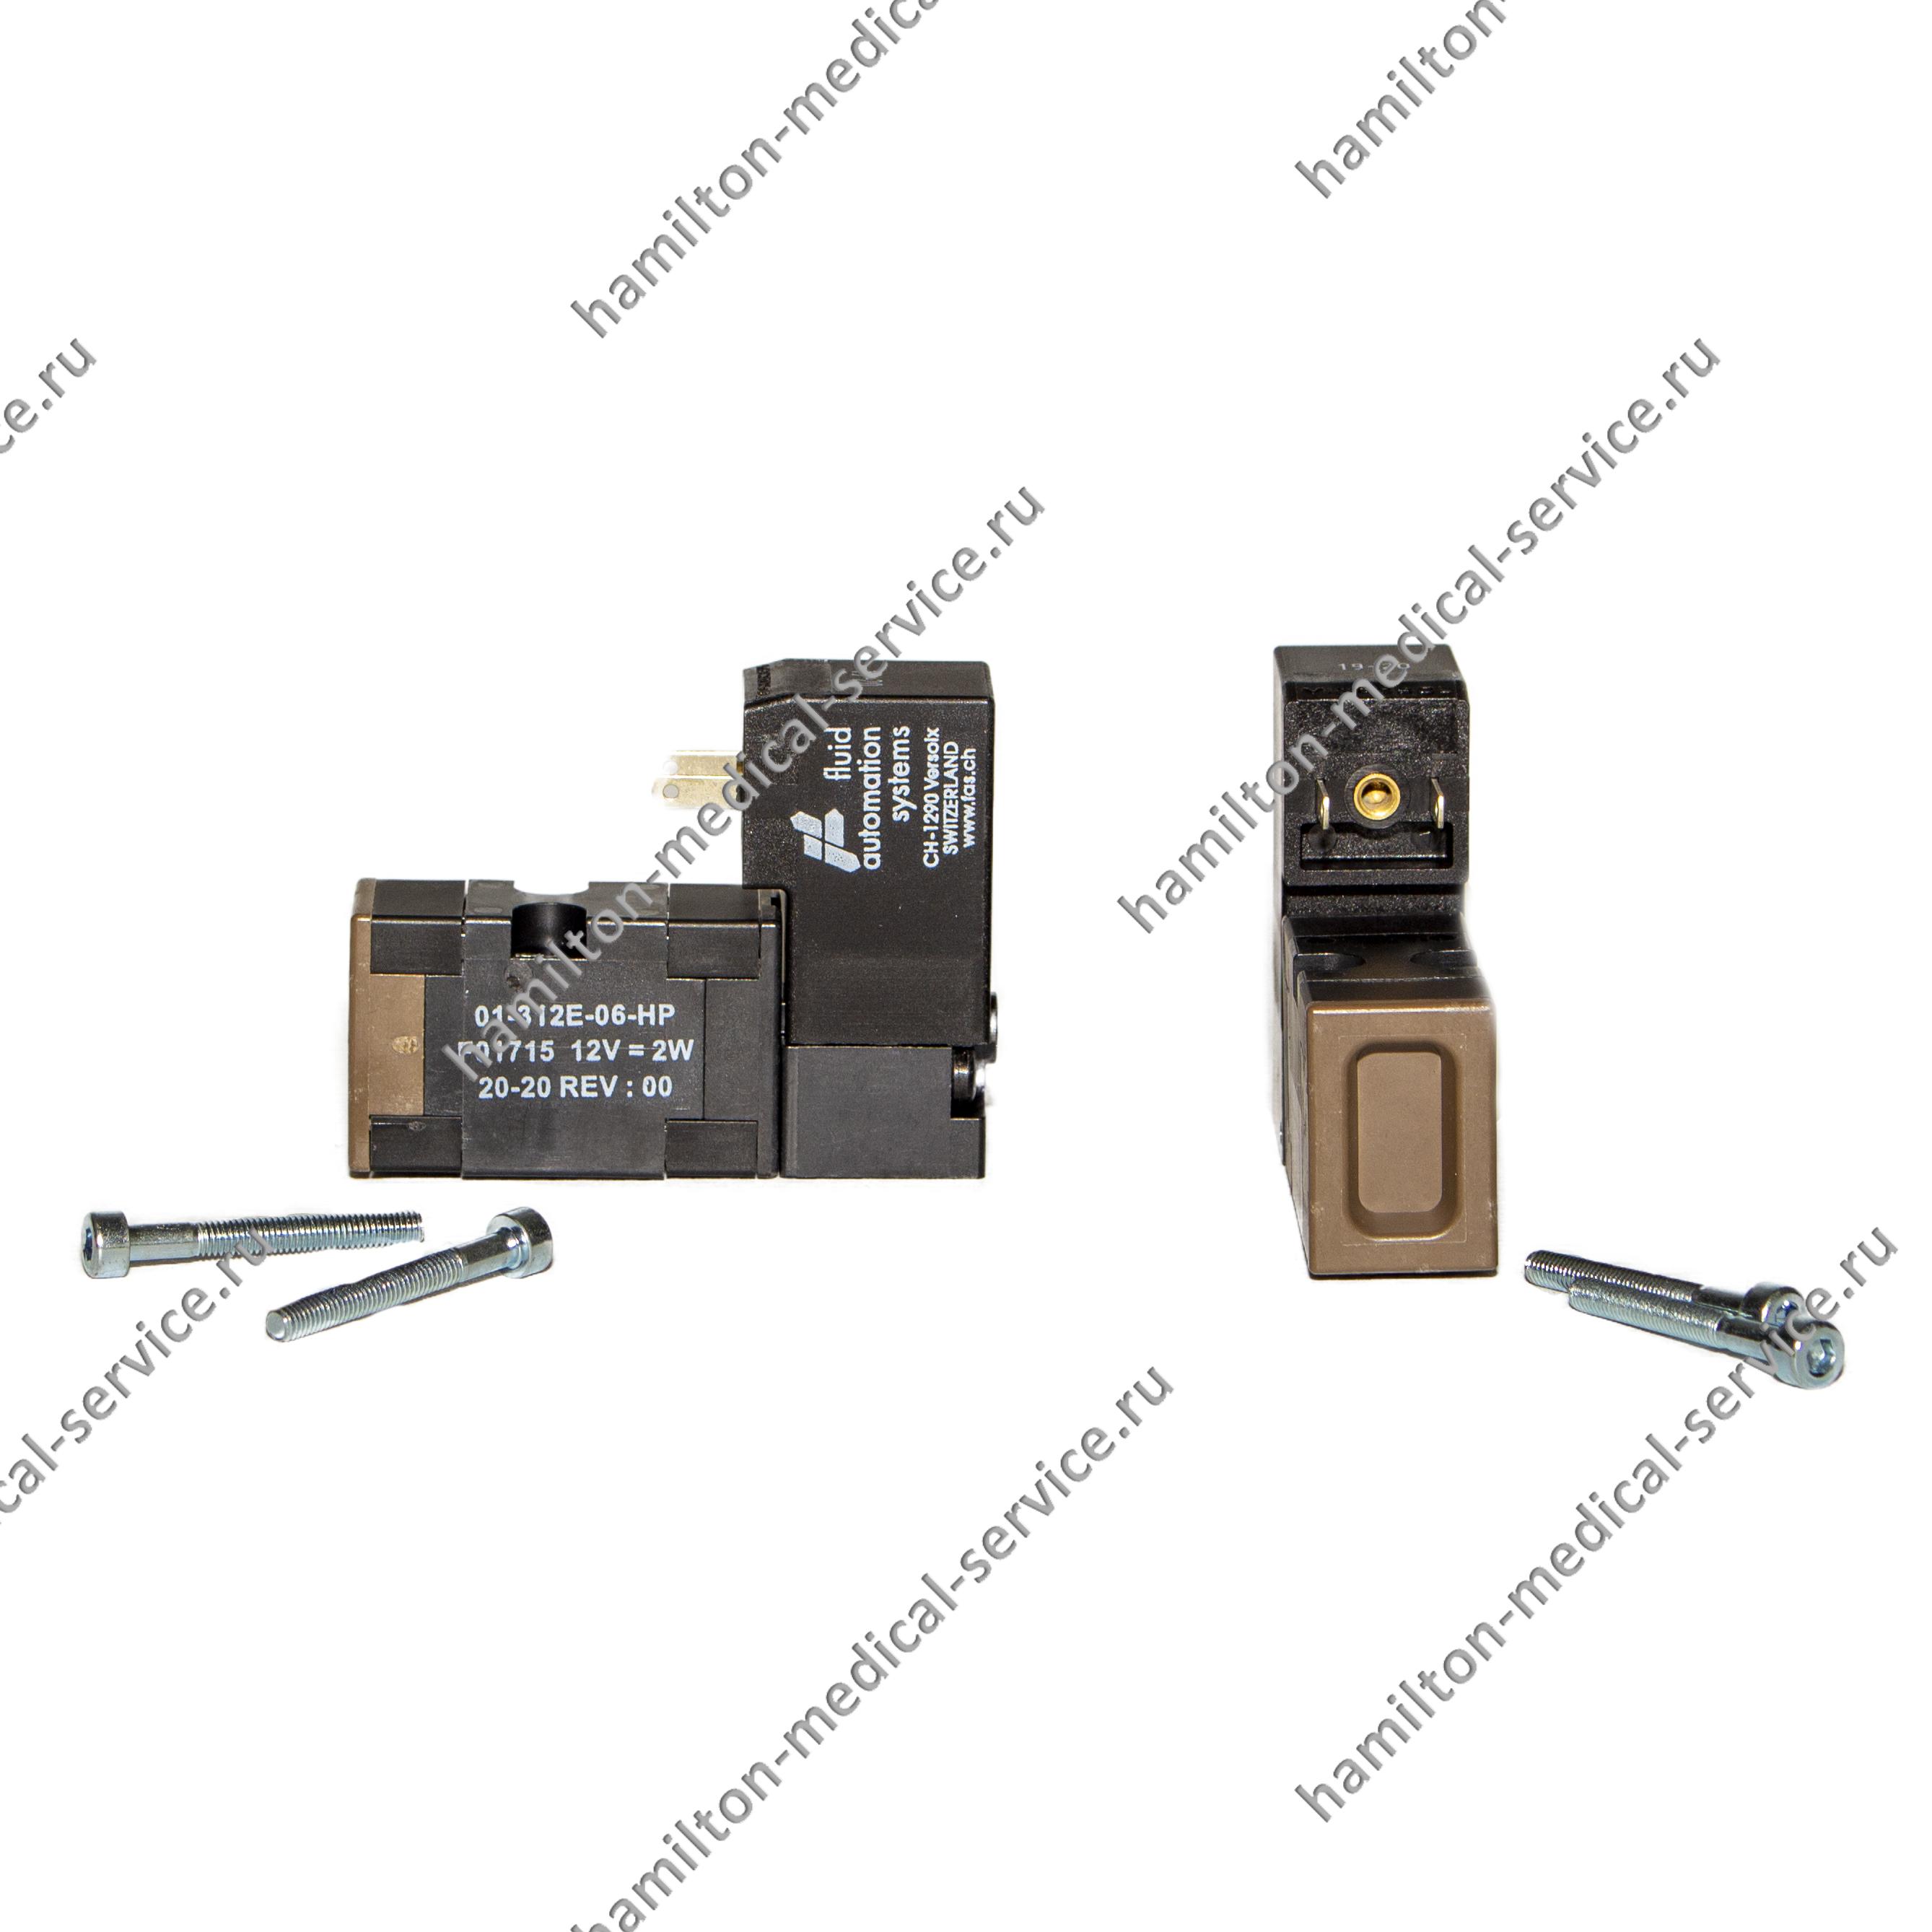 Клапан блока смесителя для ИВЛ Галилео (Galileo), 1 шт.